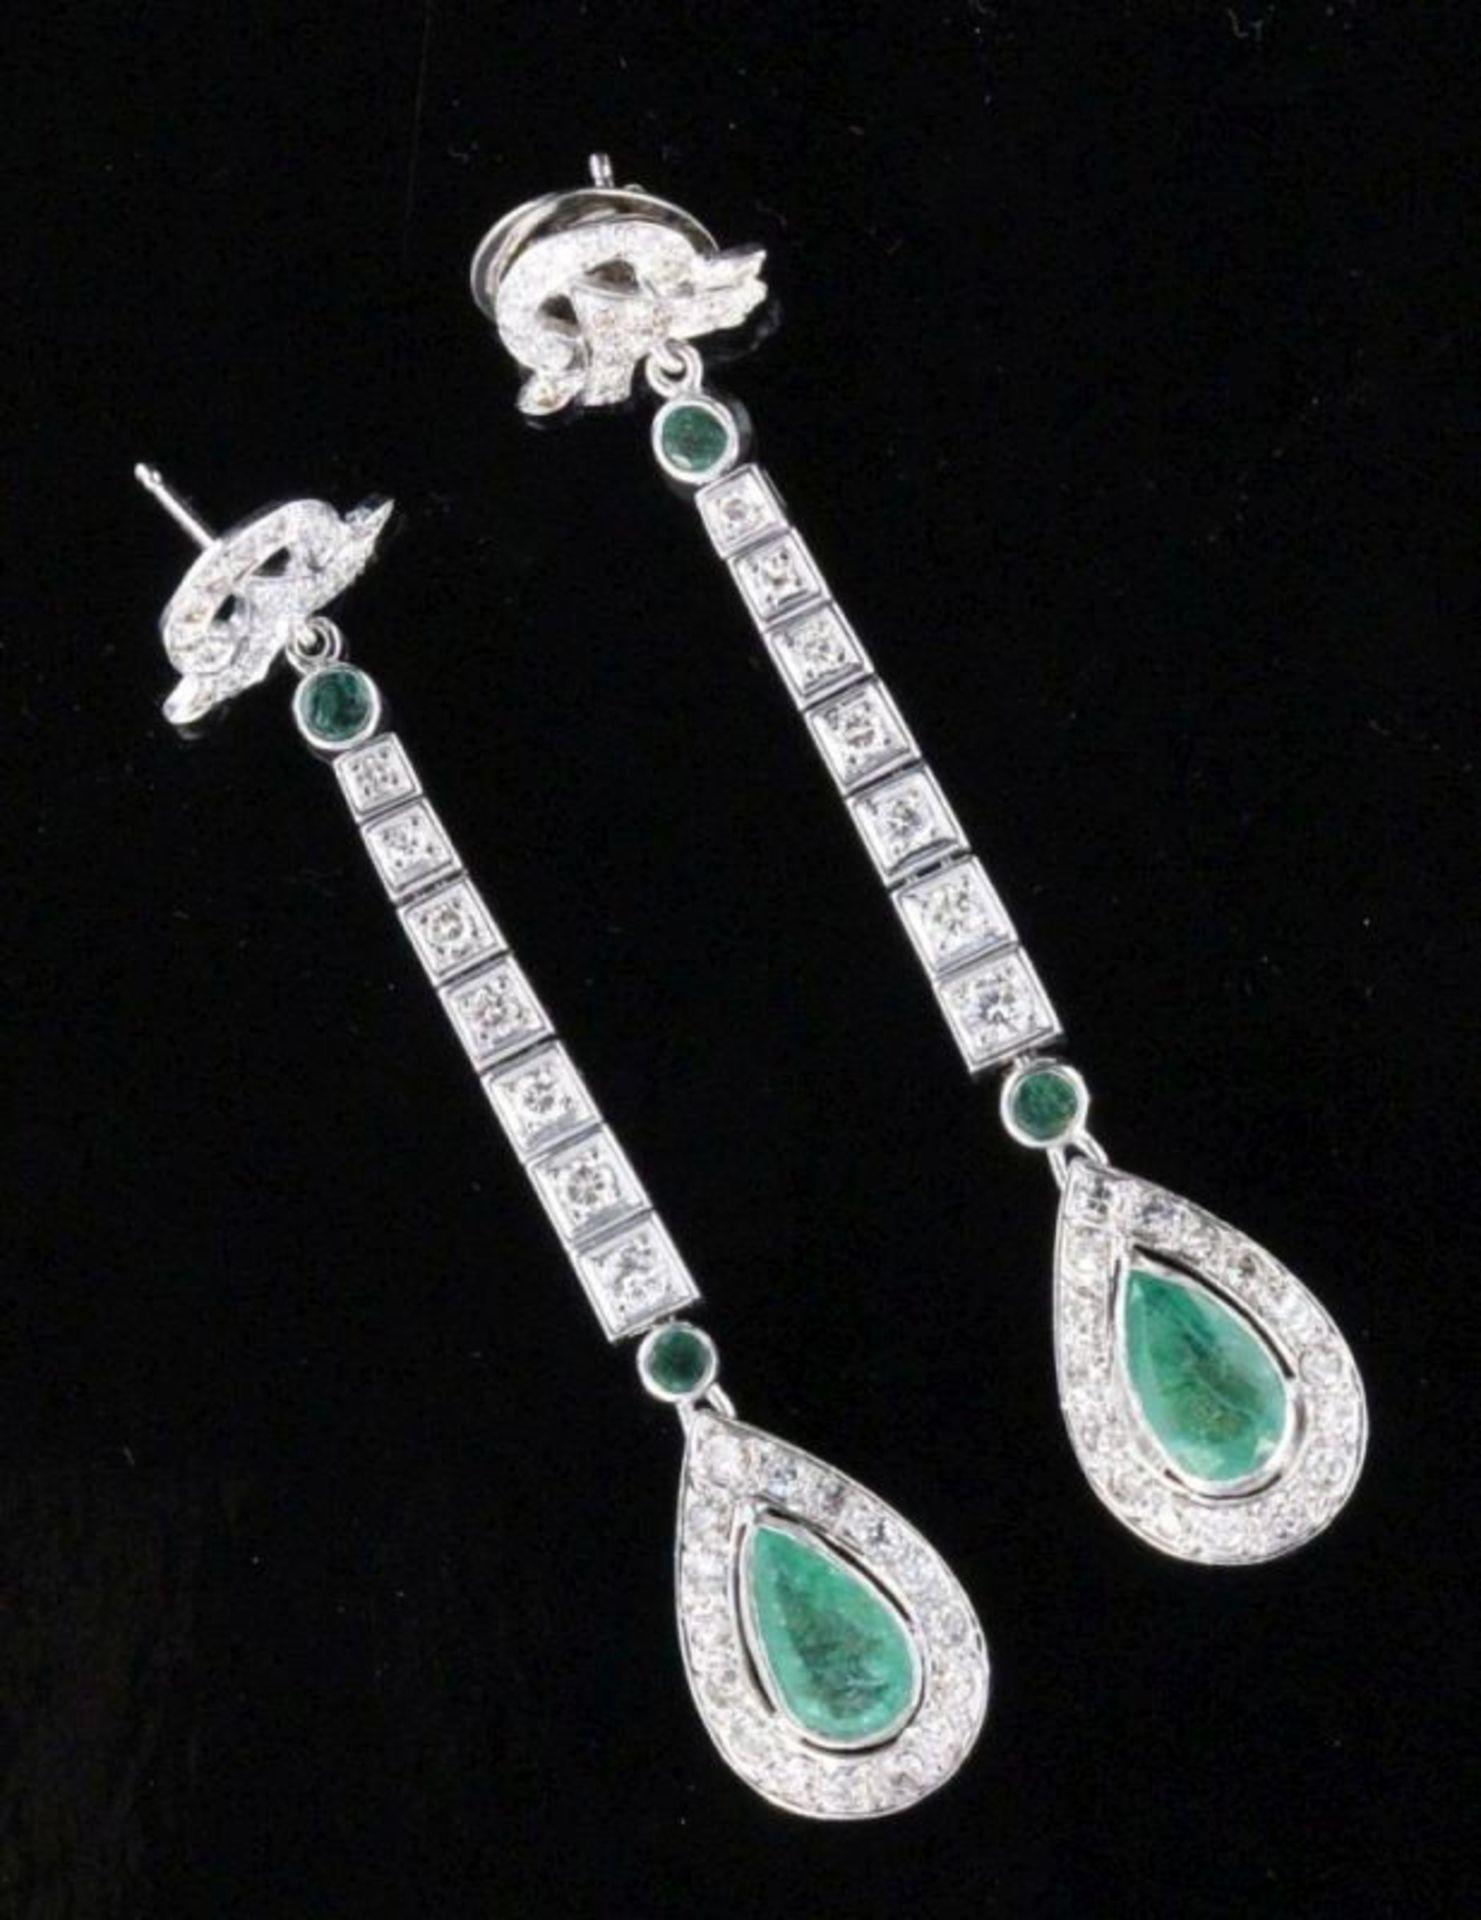 PAAR AUSGEFALLENE OHRHÄNGER750/000 Weissgold mit reichem Diamantbesatz und natürlichen Smaragden.